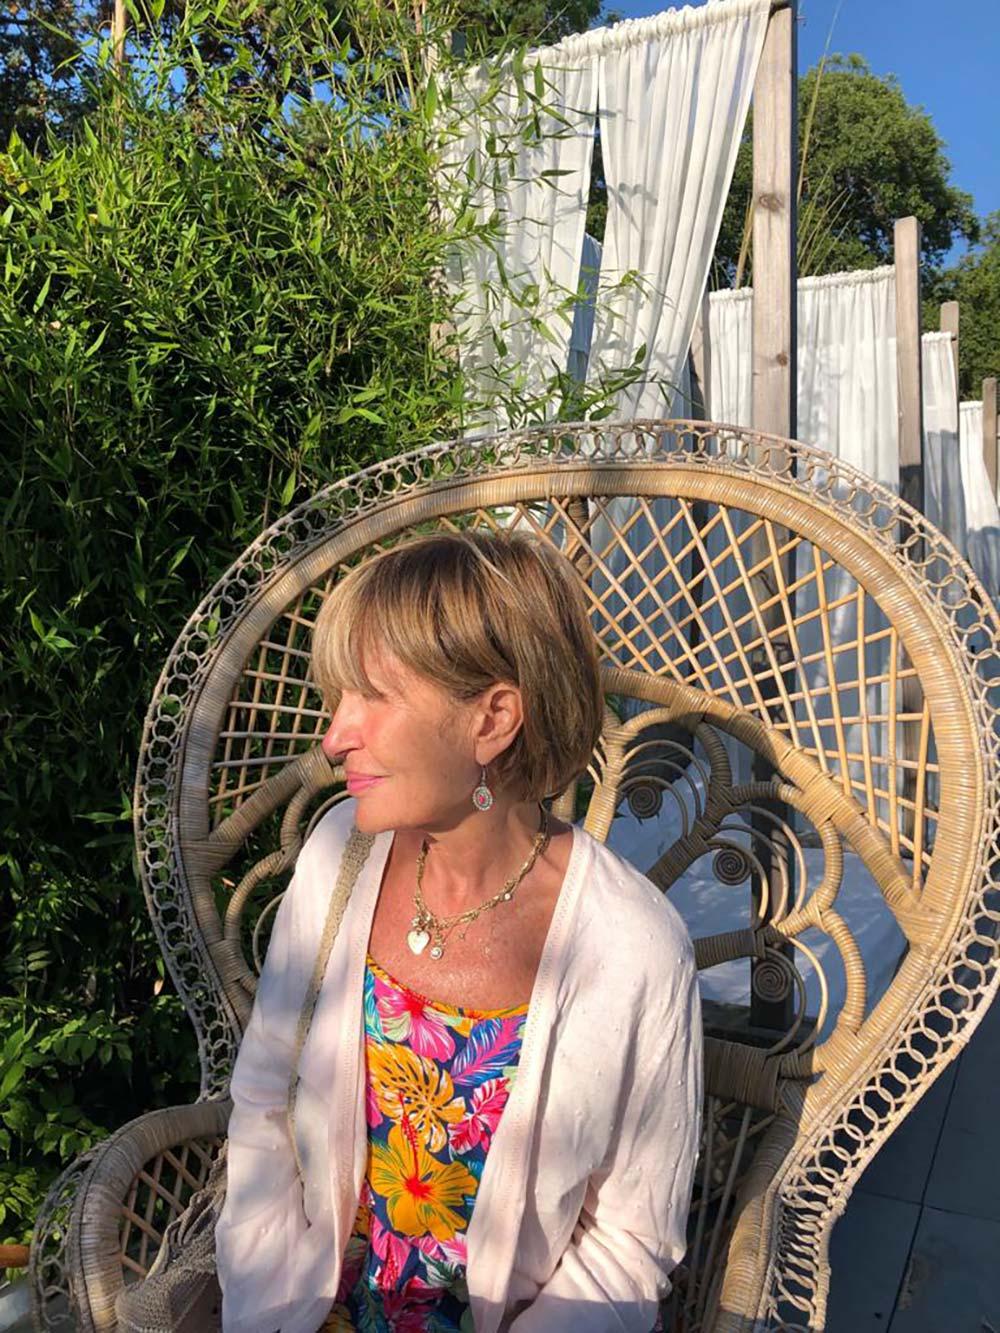 Femme assise dans un fauteuil en rotin sur une terrasse ombragée